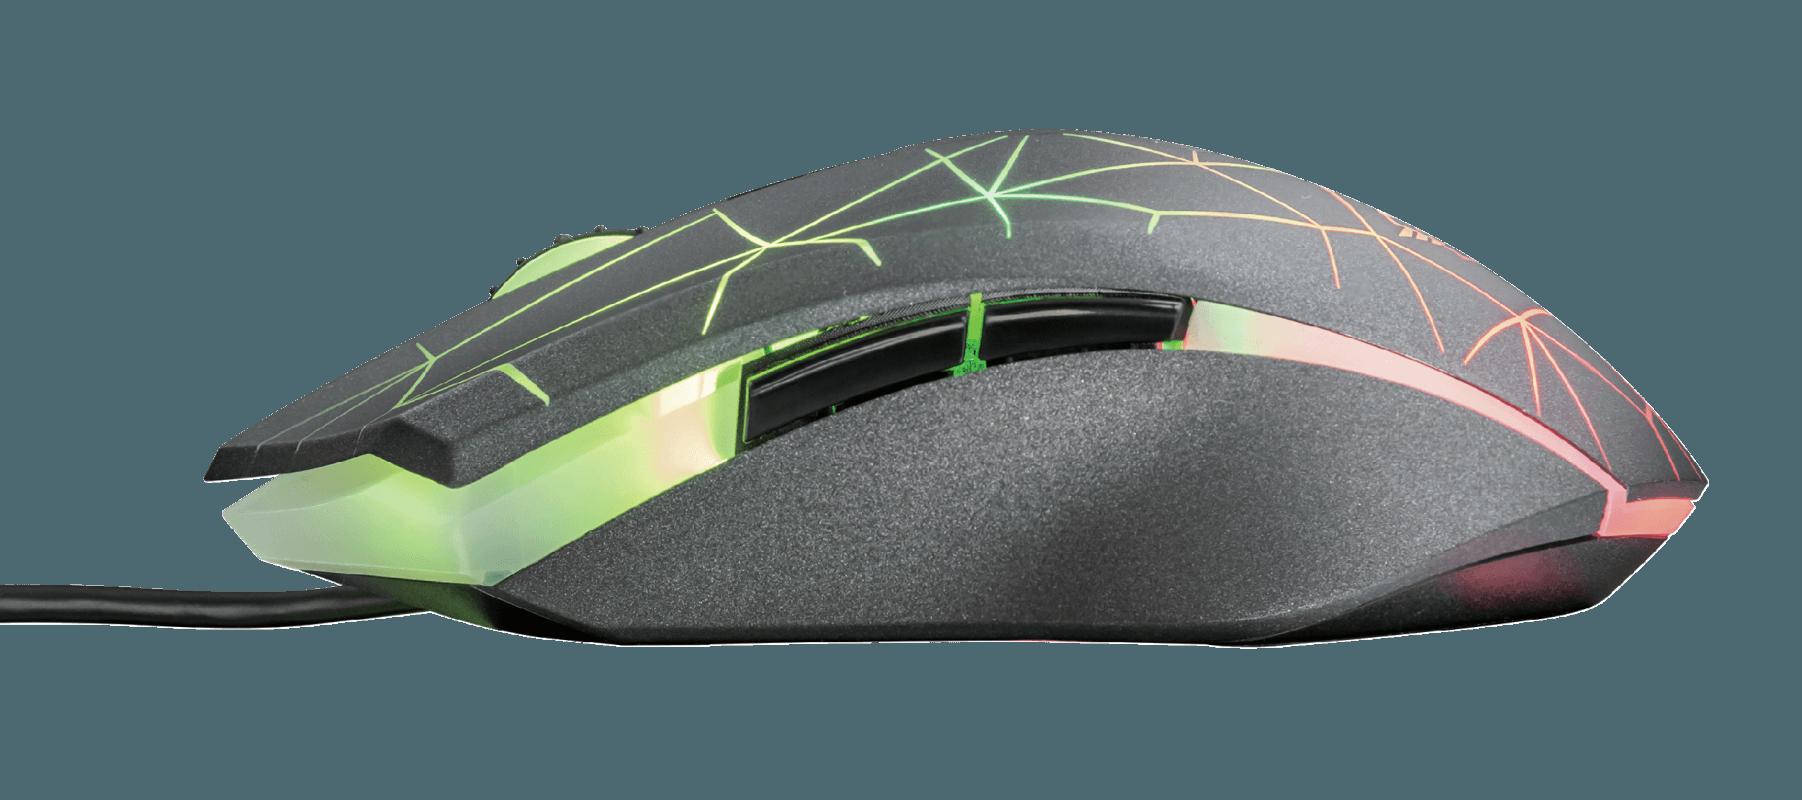 Mouse Gamer Usb Rgb Cabo 1,80 m Iluminação Led ajustável 500 - 7.000 Dpi Gxt 170 Trust Heron